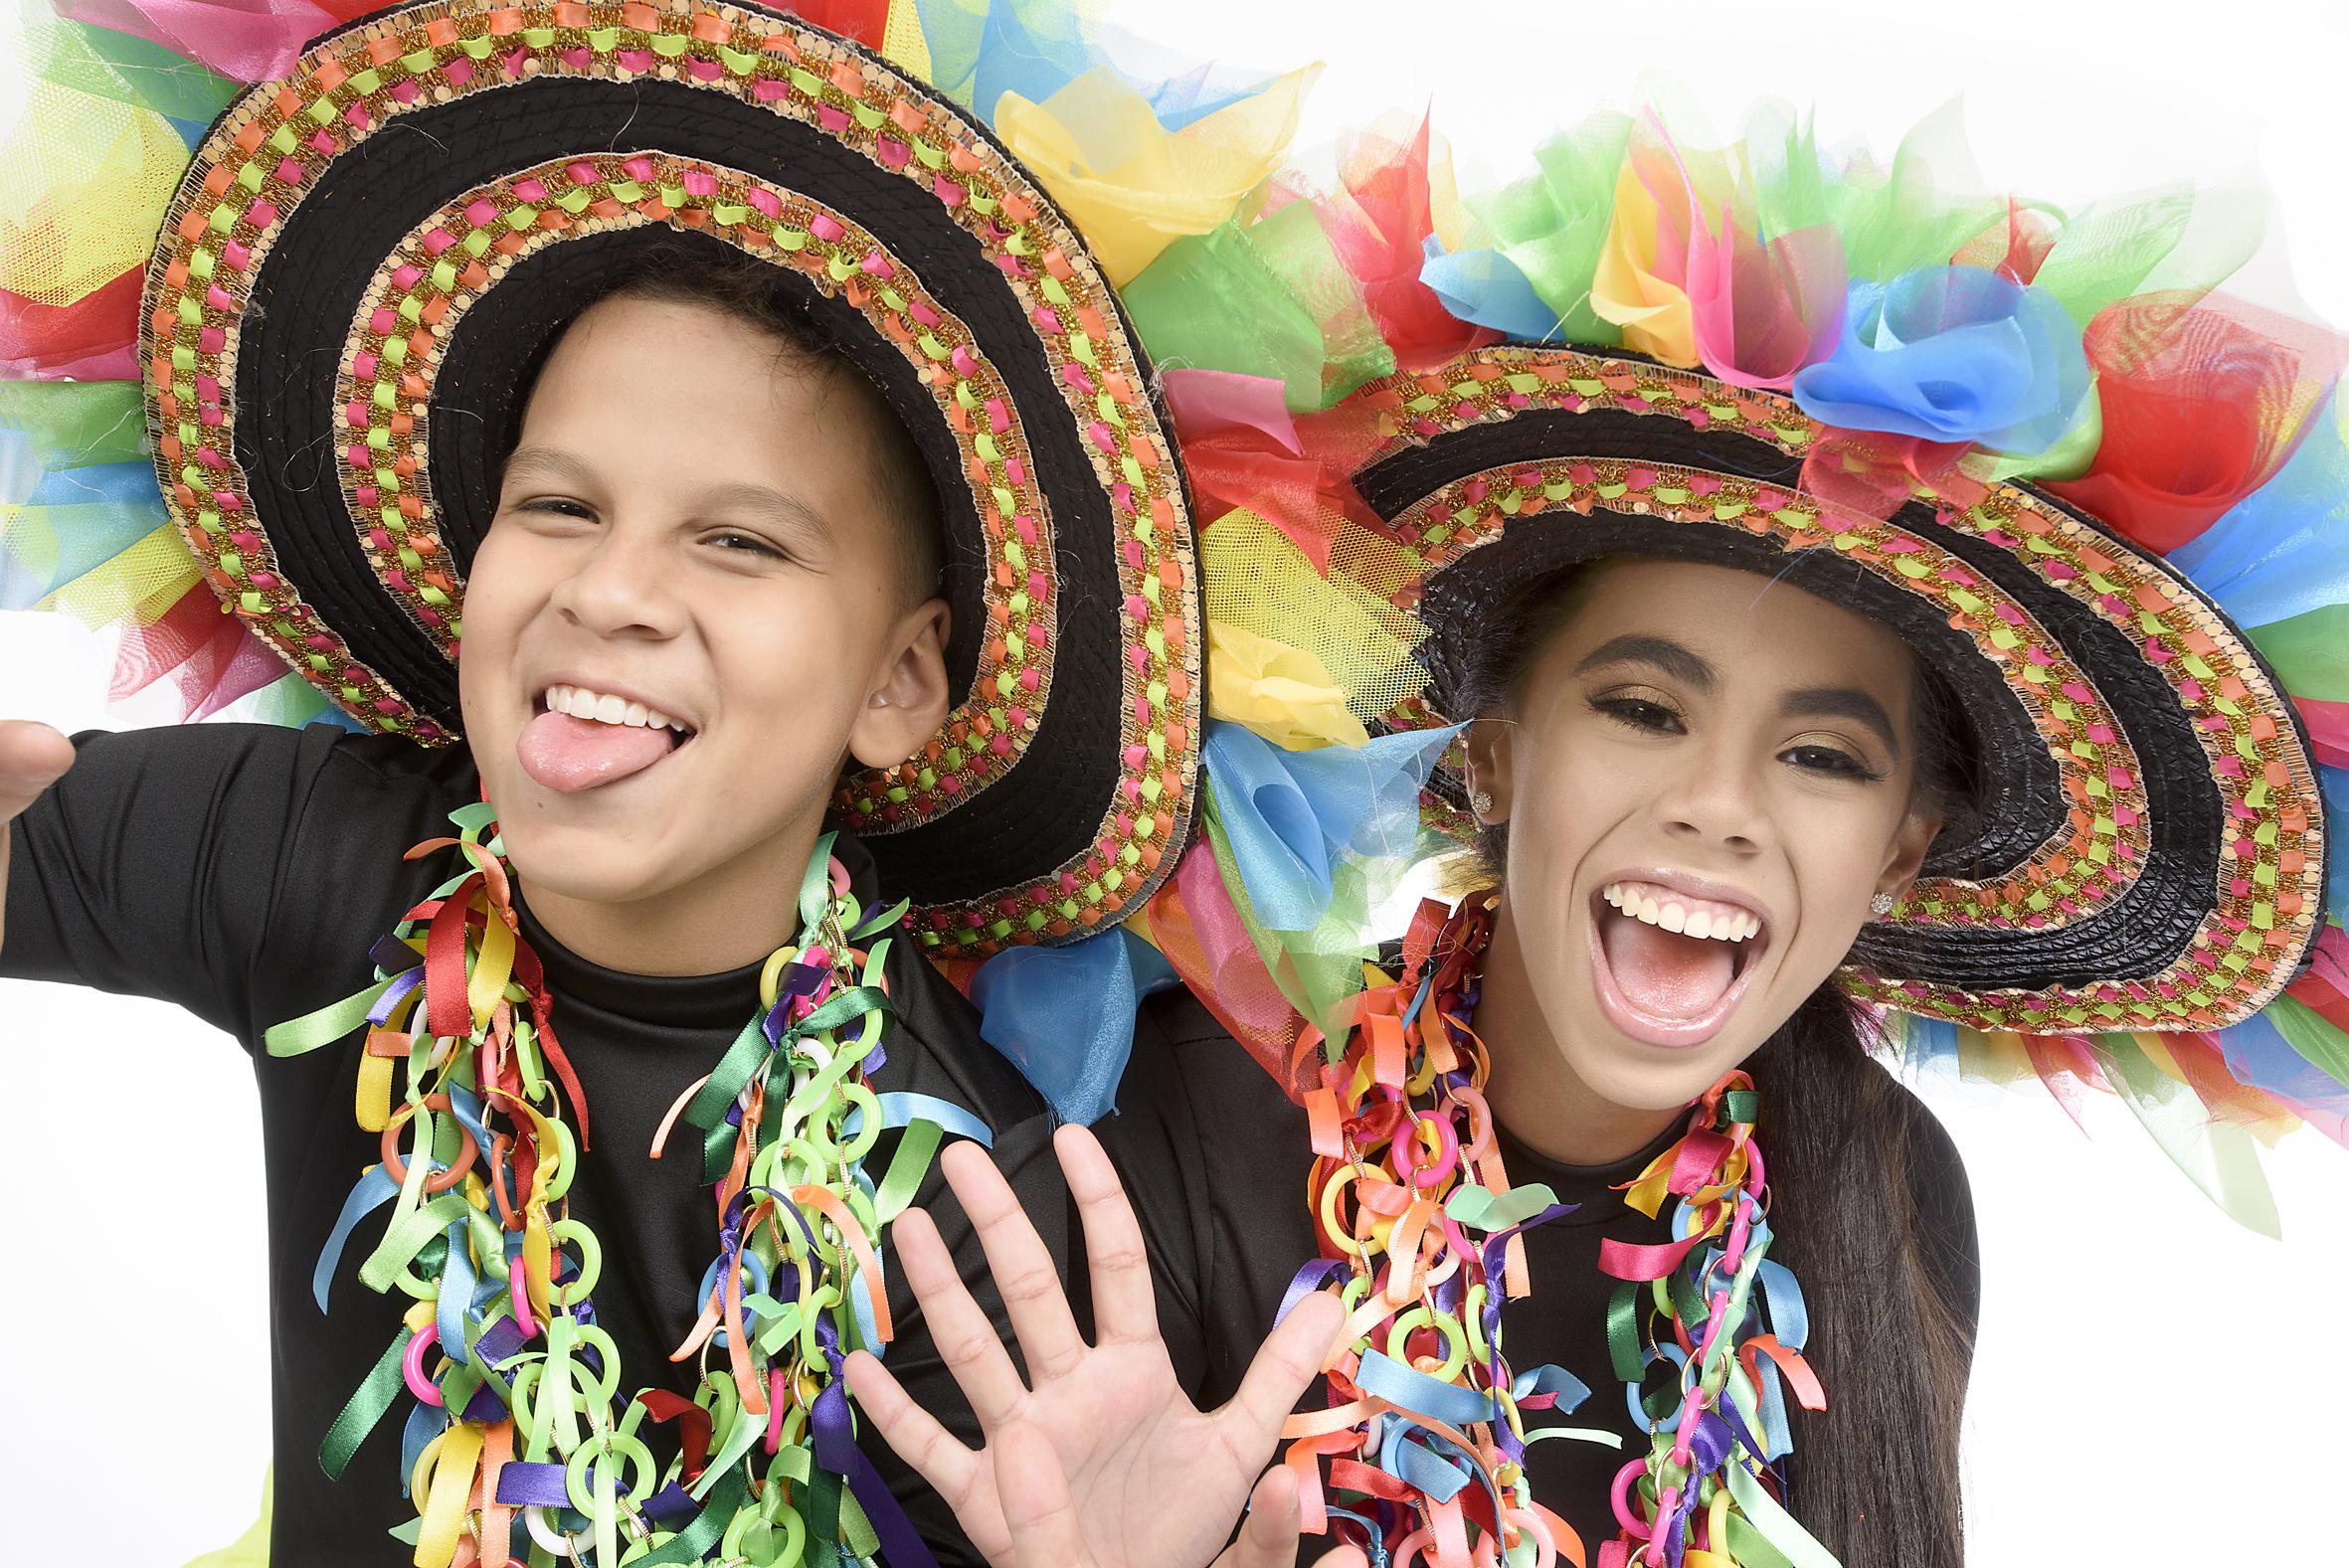 Isabella Chacón y Cesar De la Hoz se despiden del Carnaval 2019, en fiesta del Colegio San José